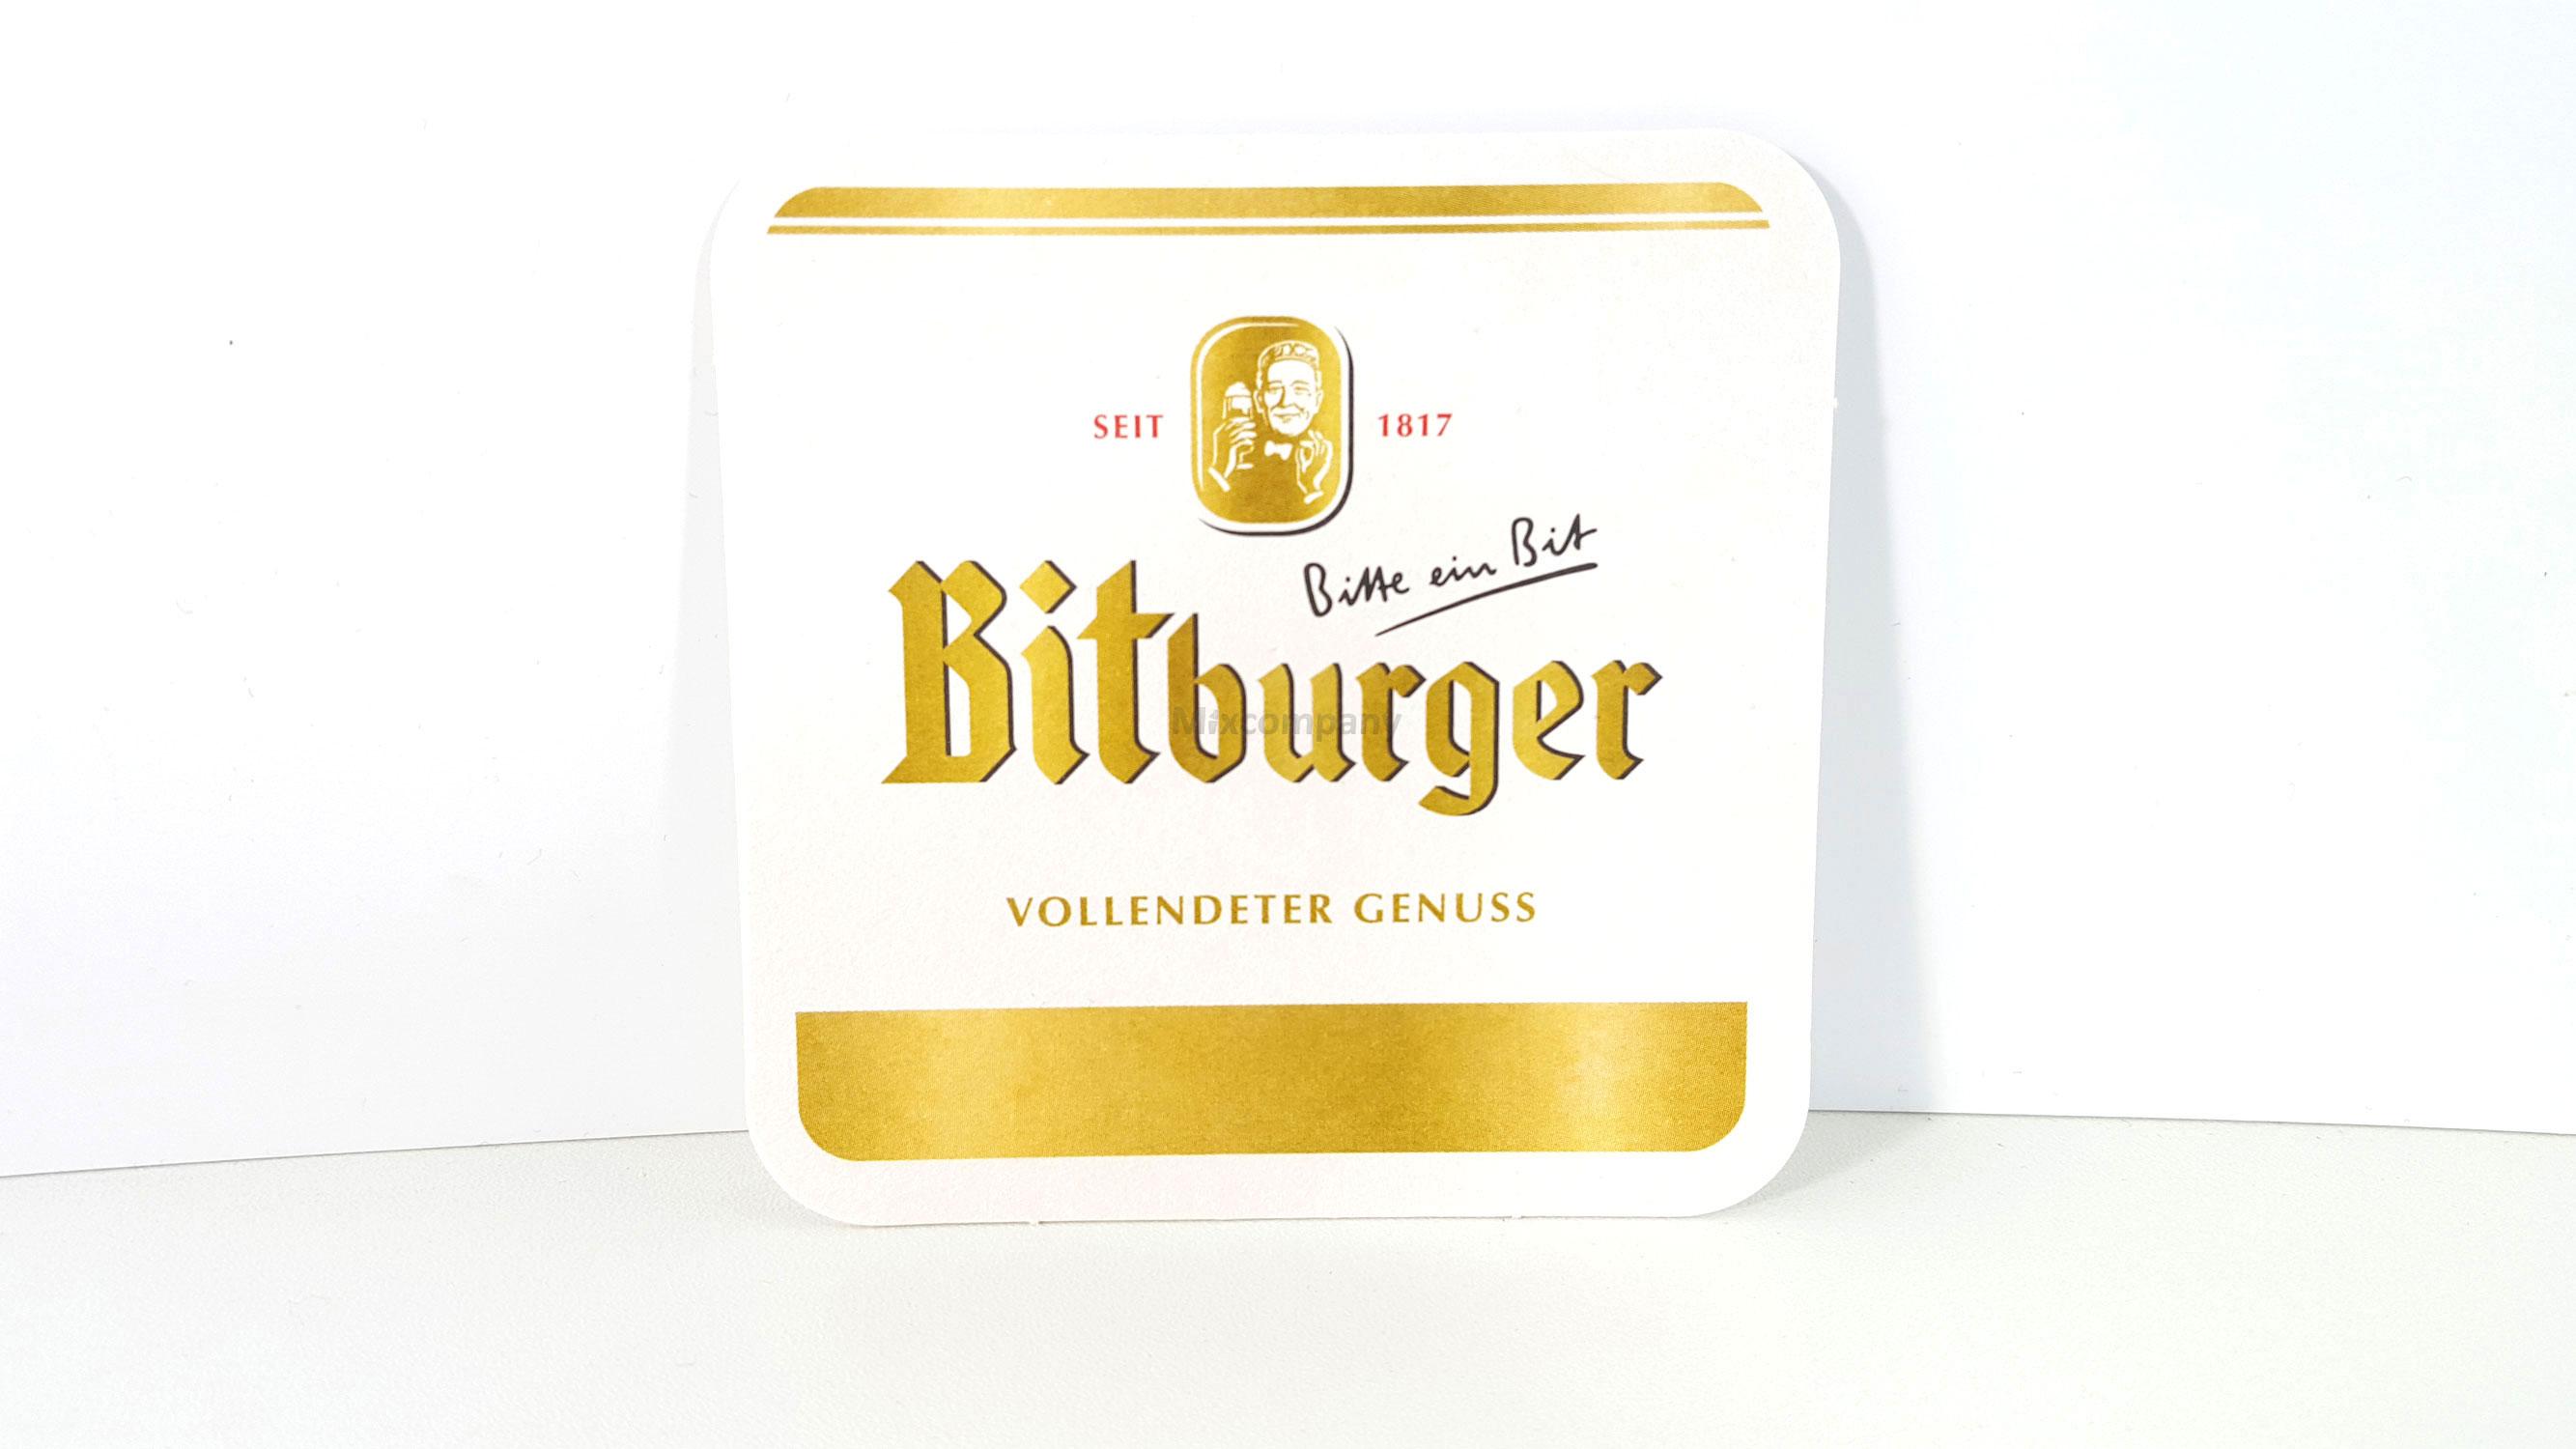 Bitburger Bierdeckel - 375 Stück